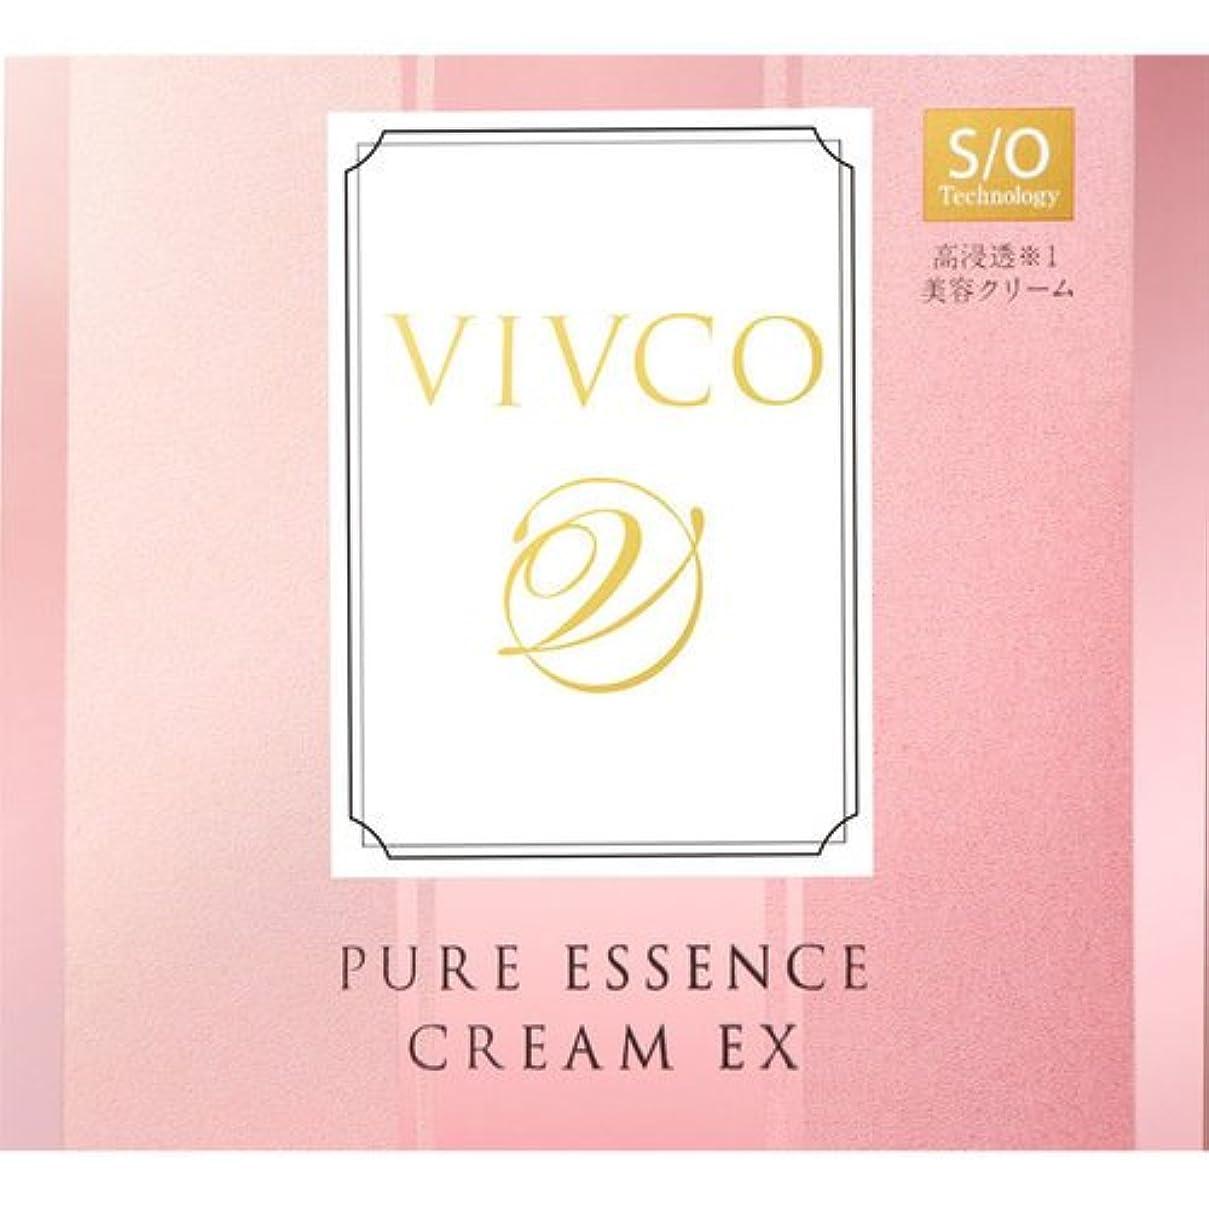 保守可能裂け目蒸気VIVCO(ヴィヴコ) ピュアエッセンス クリームEX 60g